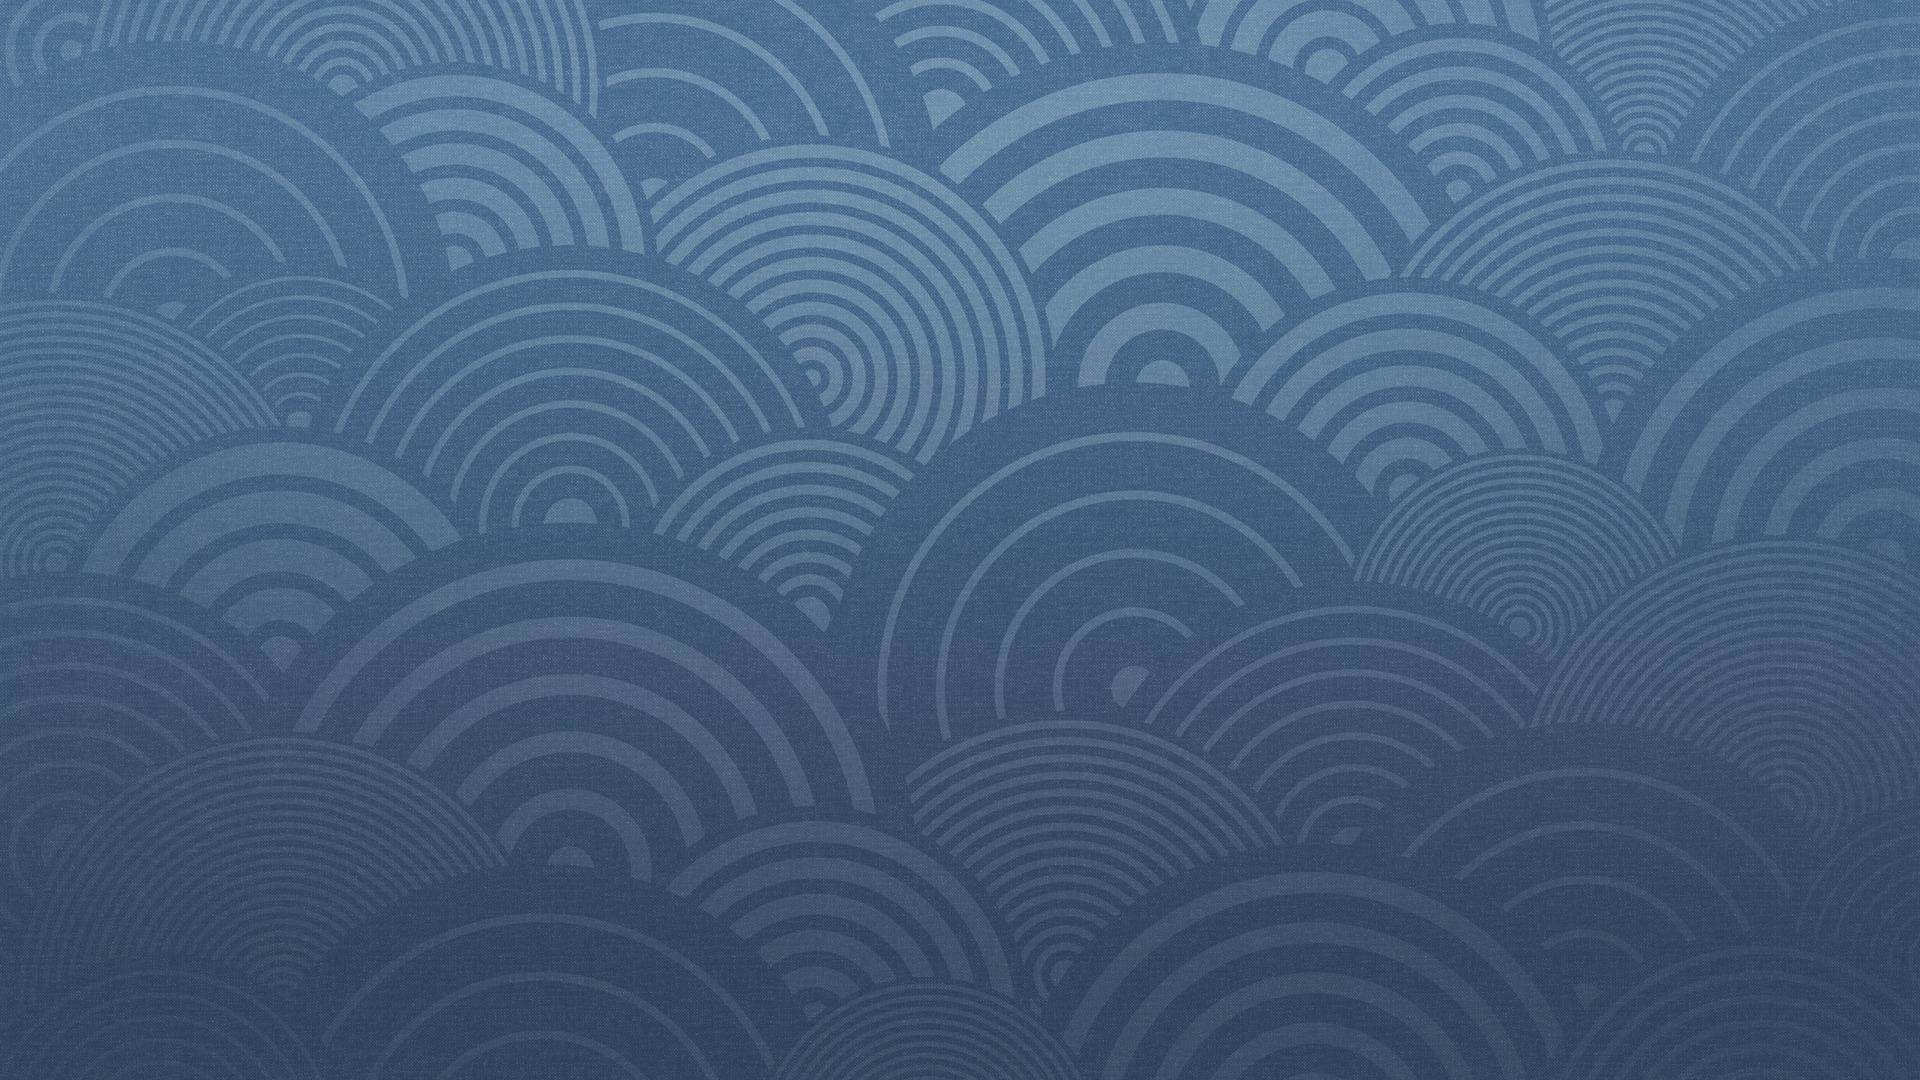 円は 装飾的な背景を巻く Mac Osの壁紙プレビュー 10wallpaper Com